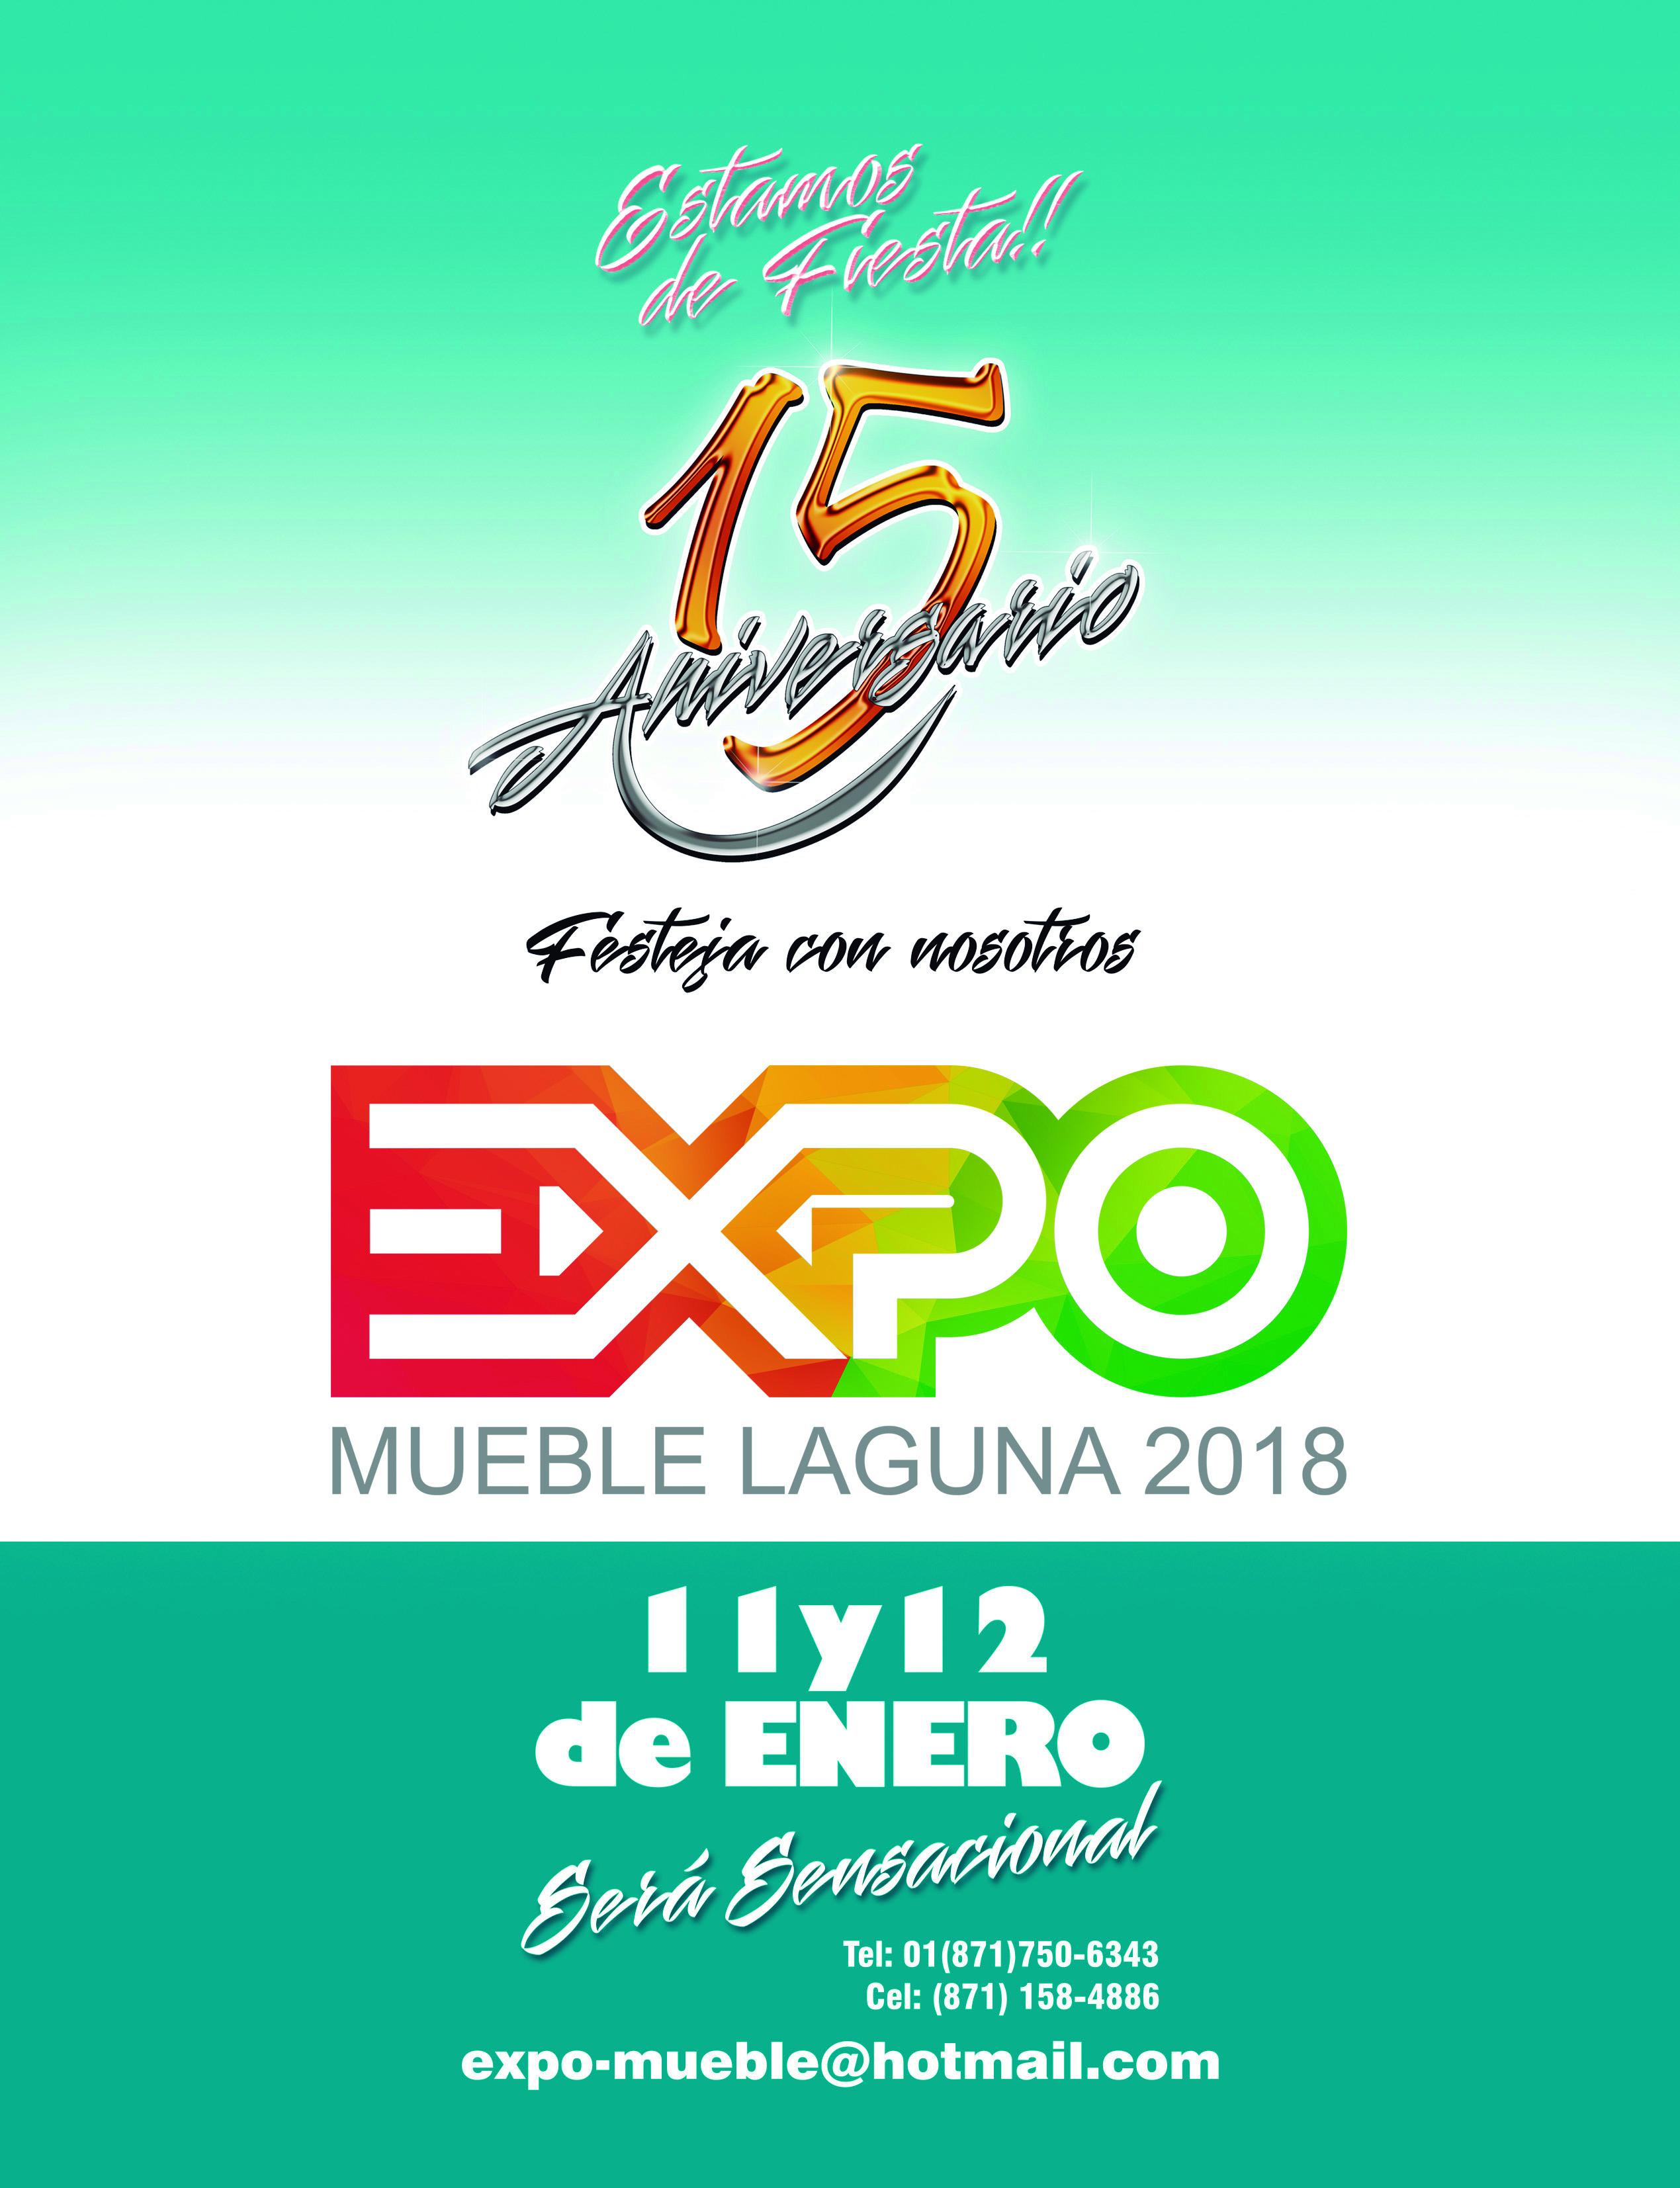 Es Semana De Expo Mueble Laguna  # Muebles Cautivo